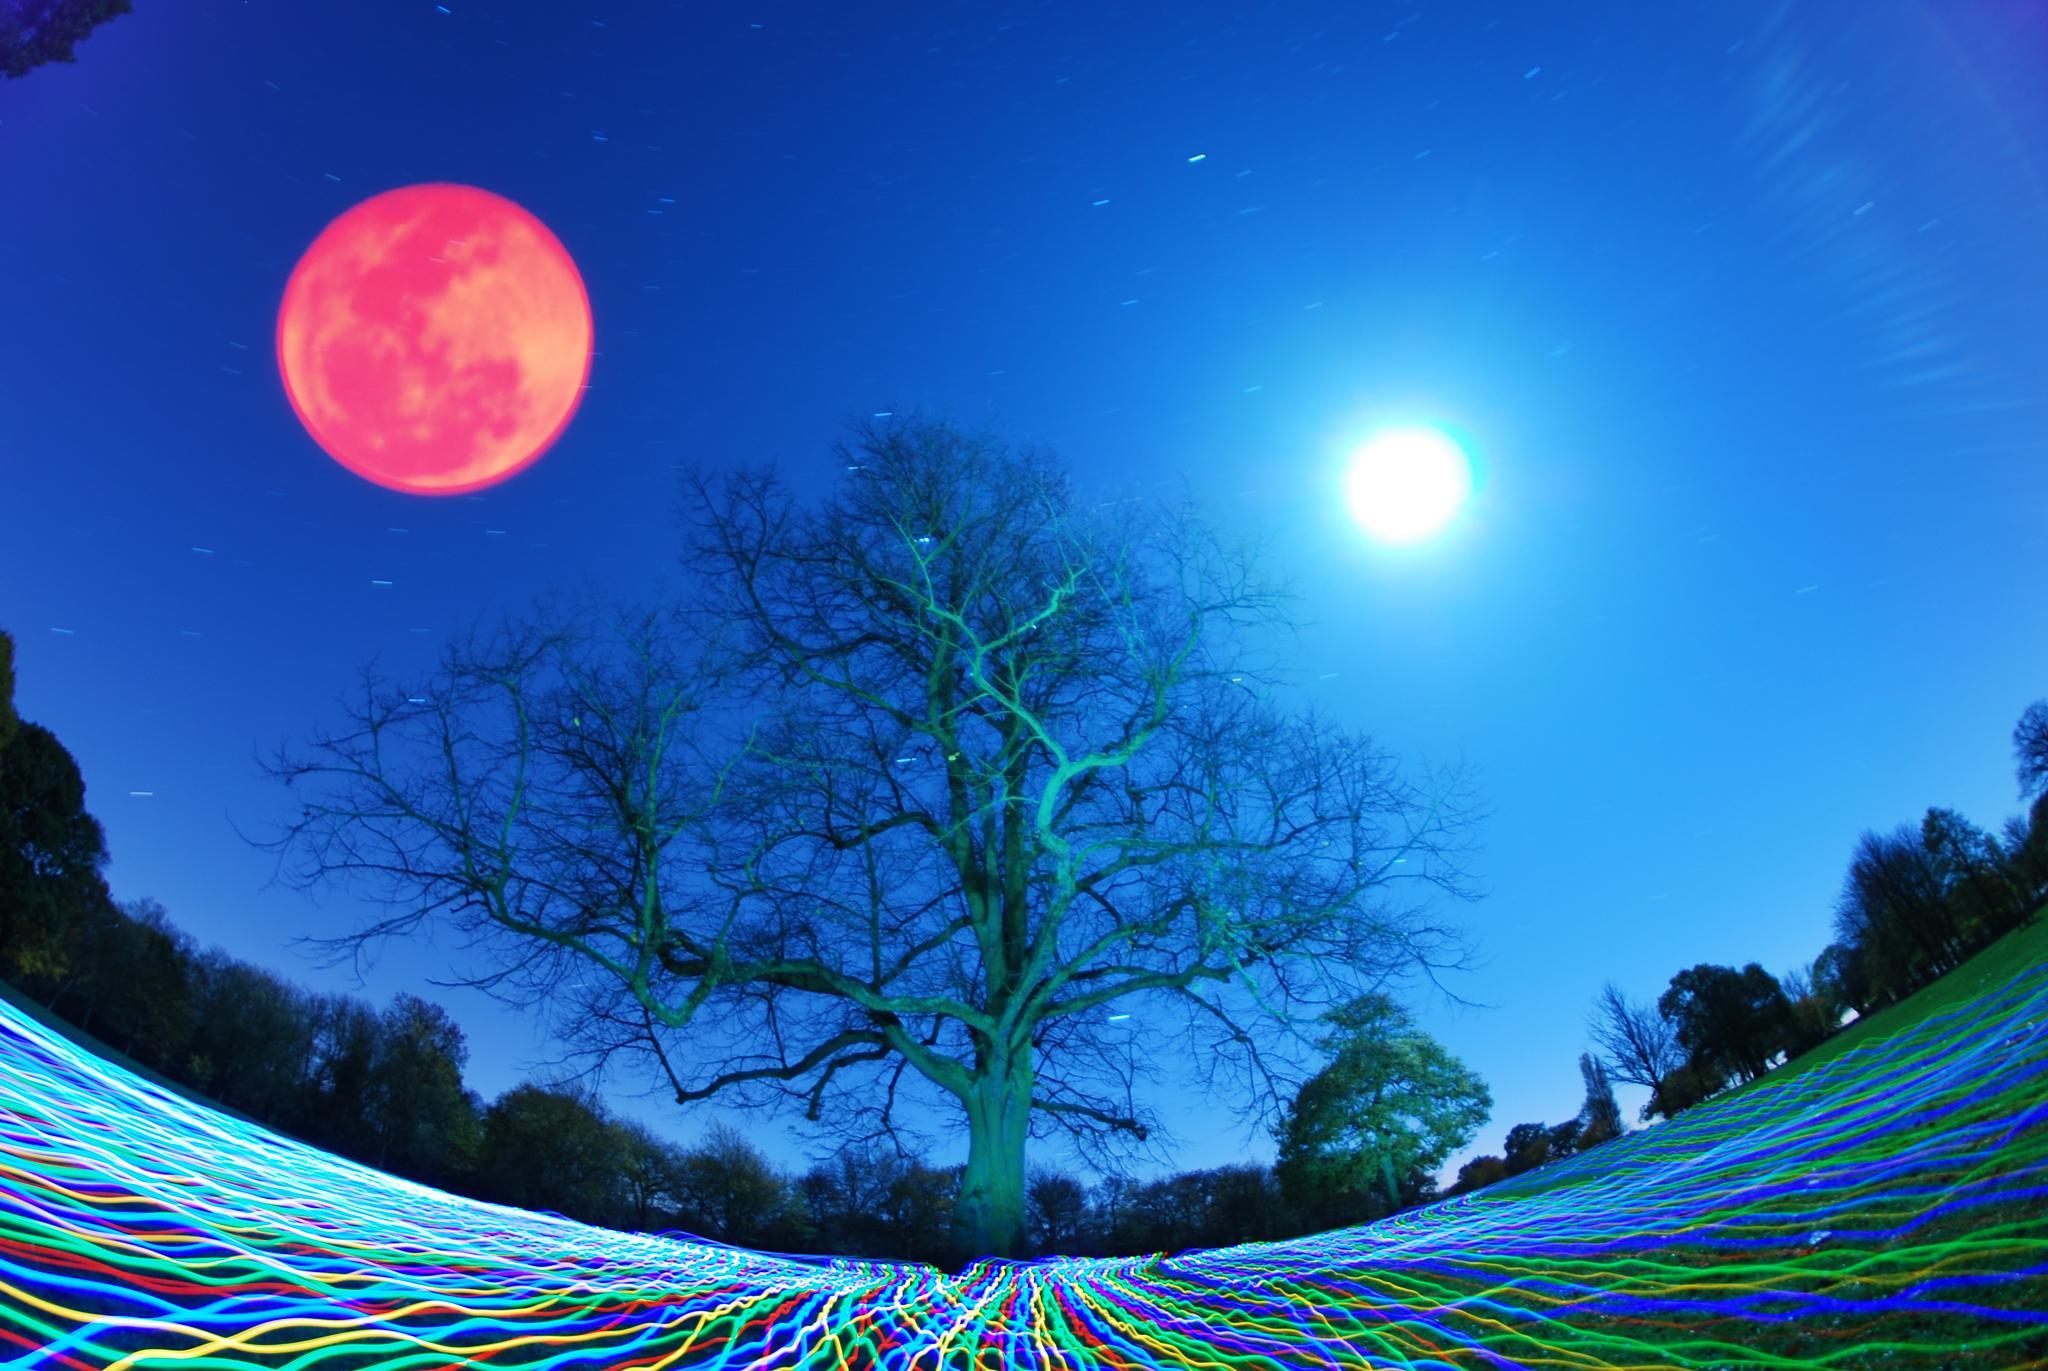 Rose Moon in Weelsby wood by JamesdeLunaLightpainting